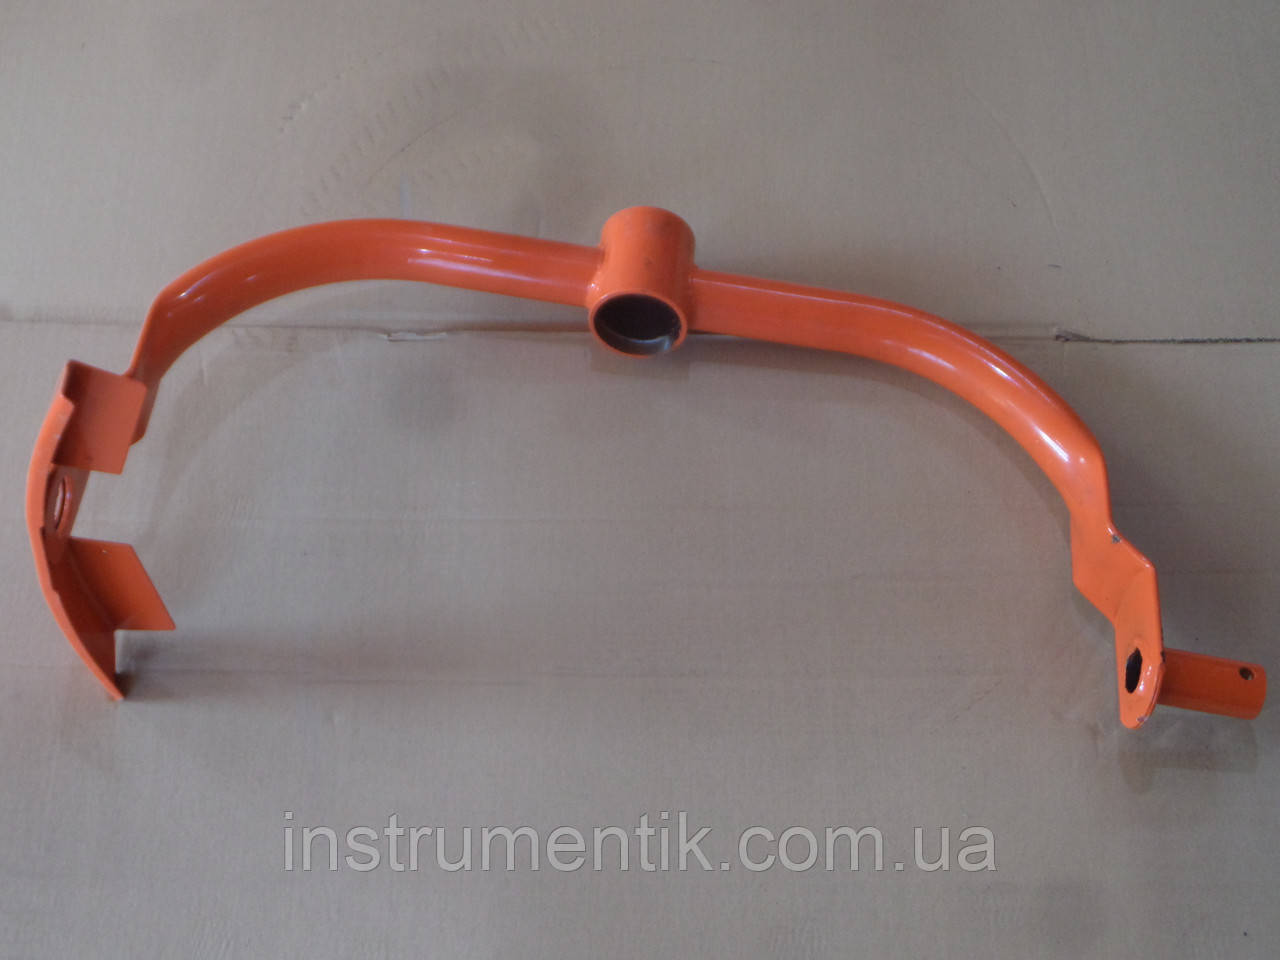 Дугообразна подшипниковая рама к бетономешали Limex 125ls